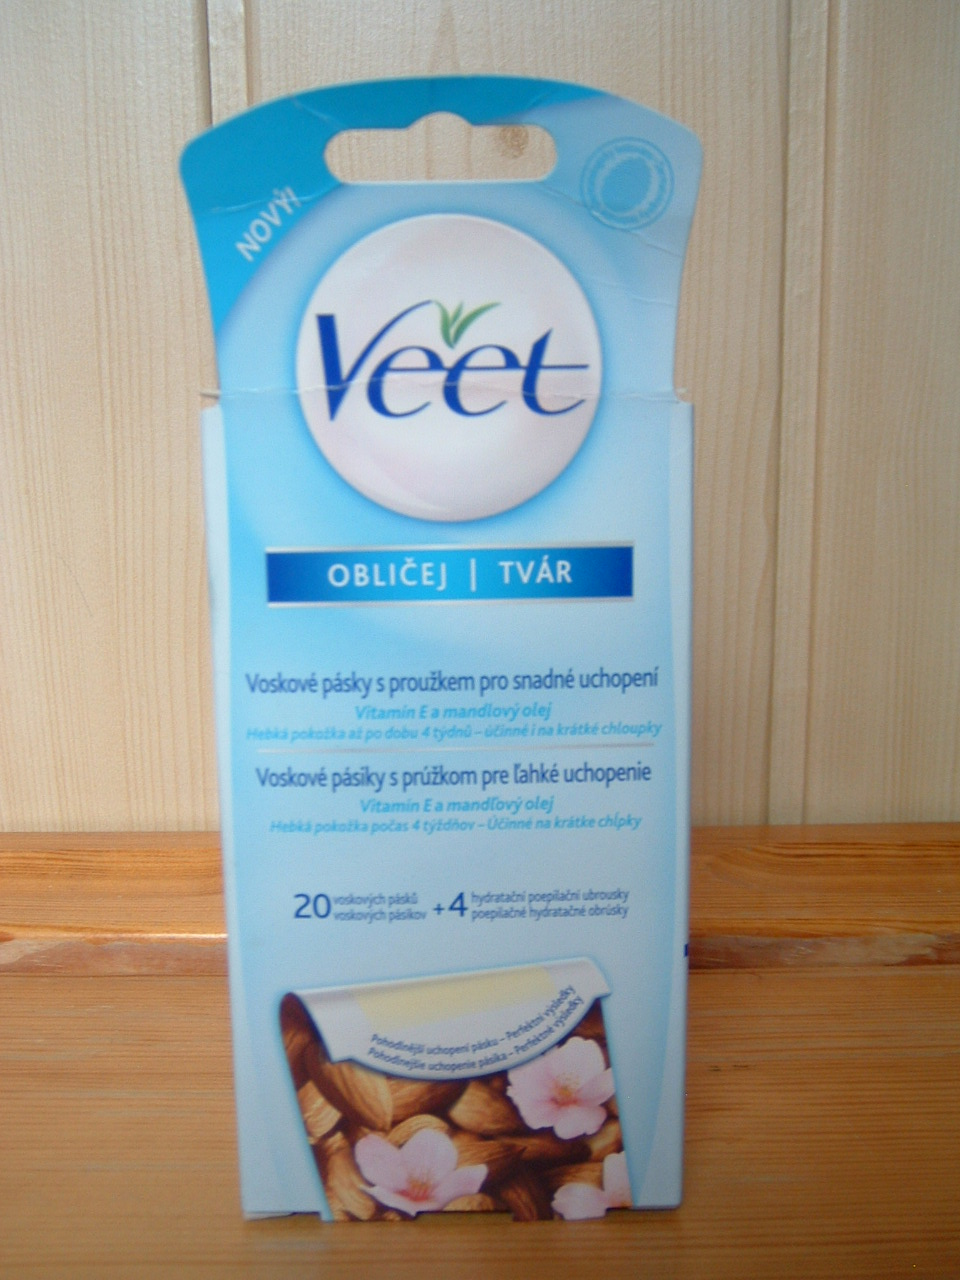 Veet Voskové pásky pro citlivou pokožku